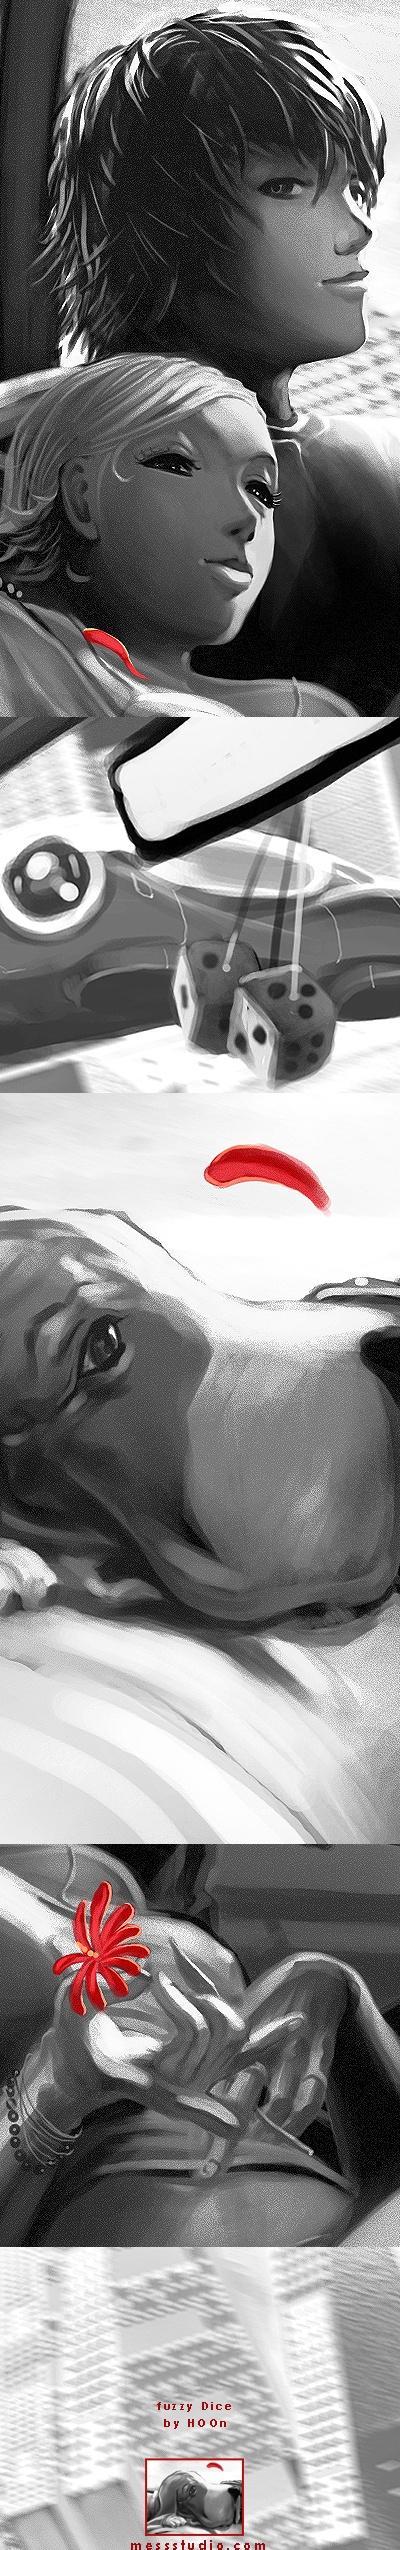 HOON: художник-иллюстратор из США (100 работ)